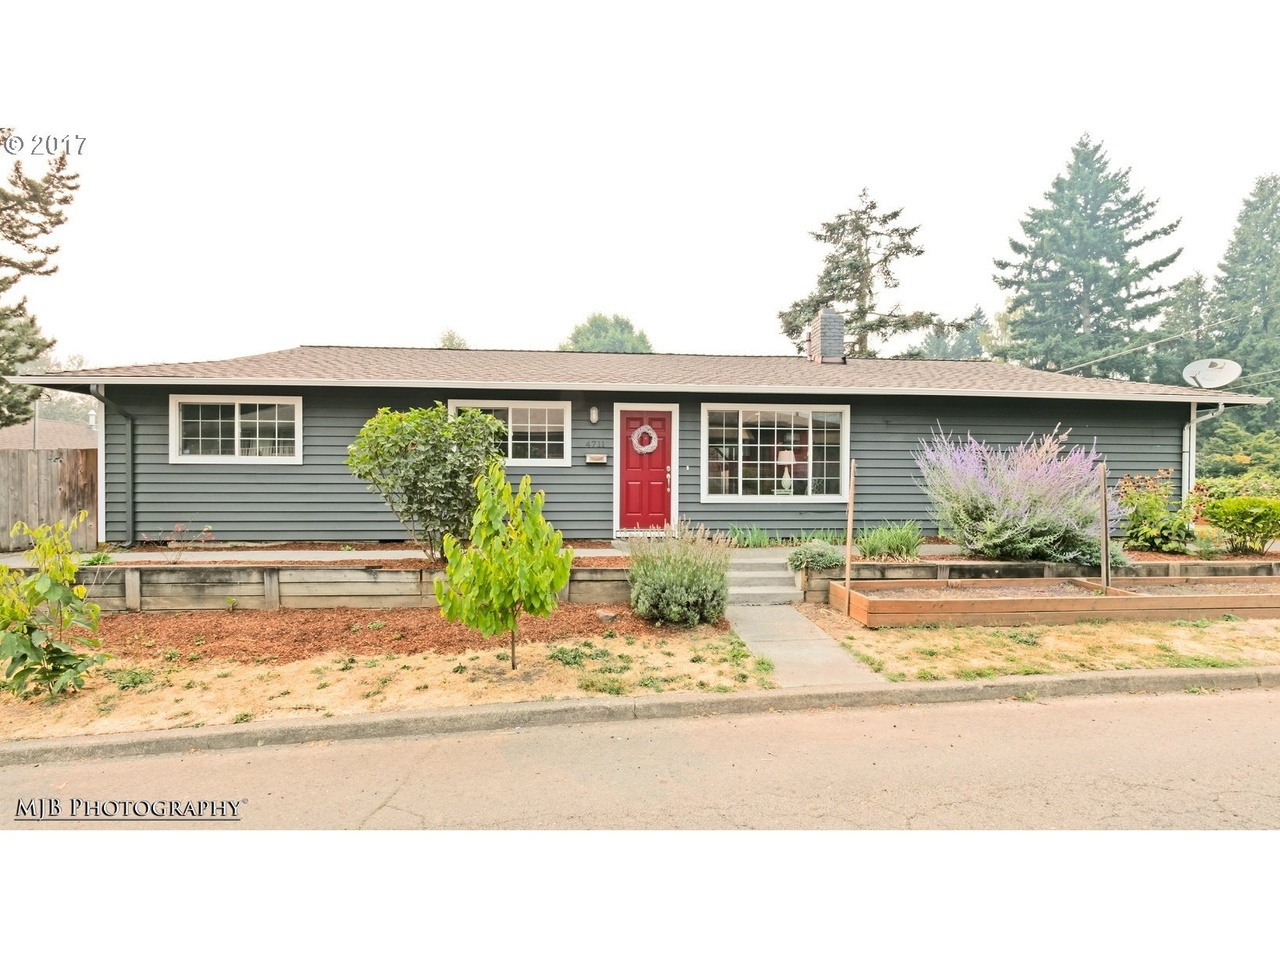 Garage Door beez garage door services pictures : 4711 SE 30th Ave, Portland, OR 97202   MLS# 17194022   Redfin